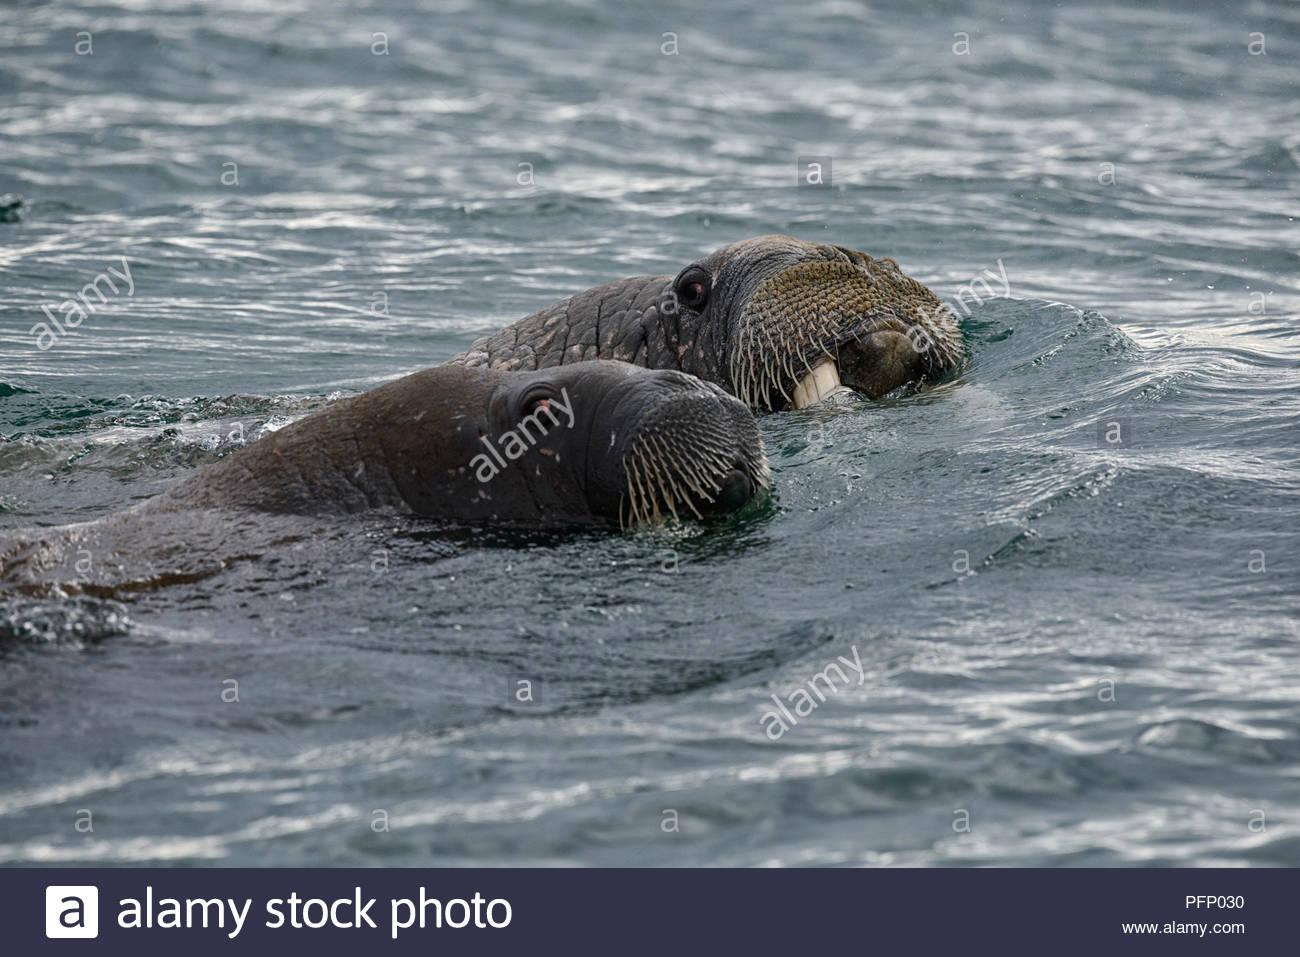 Walrus (Odobenus rosmarus),  in sea at Torellnesfjellet, Nordaustlandet, Svalbard, Norway Stock Photo